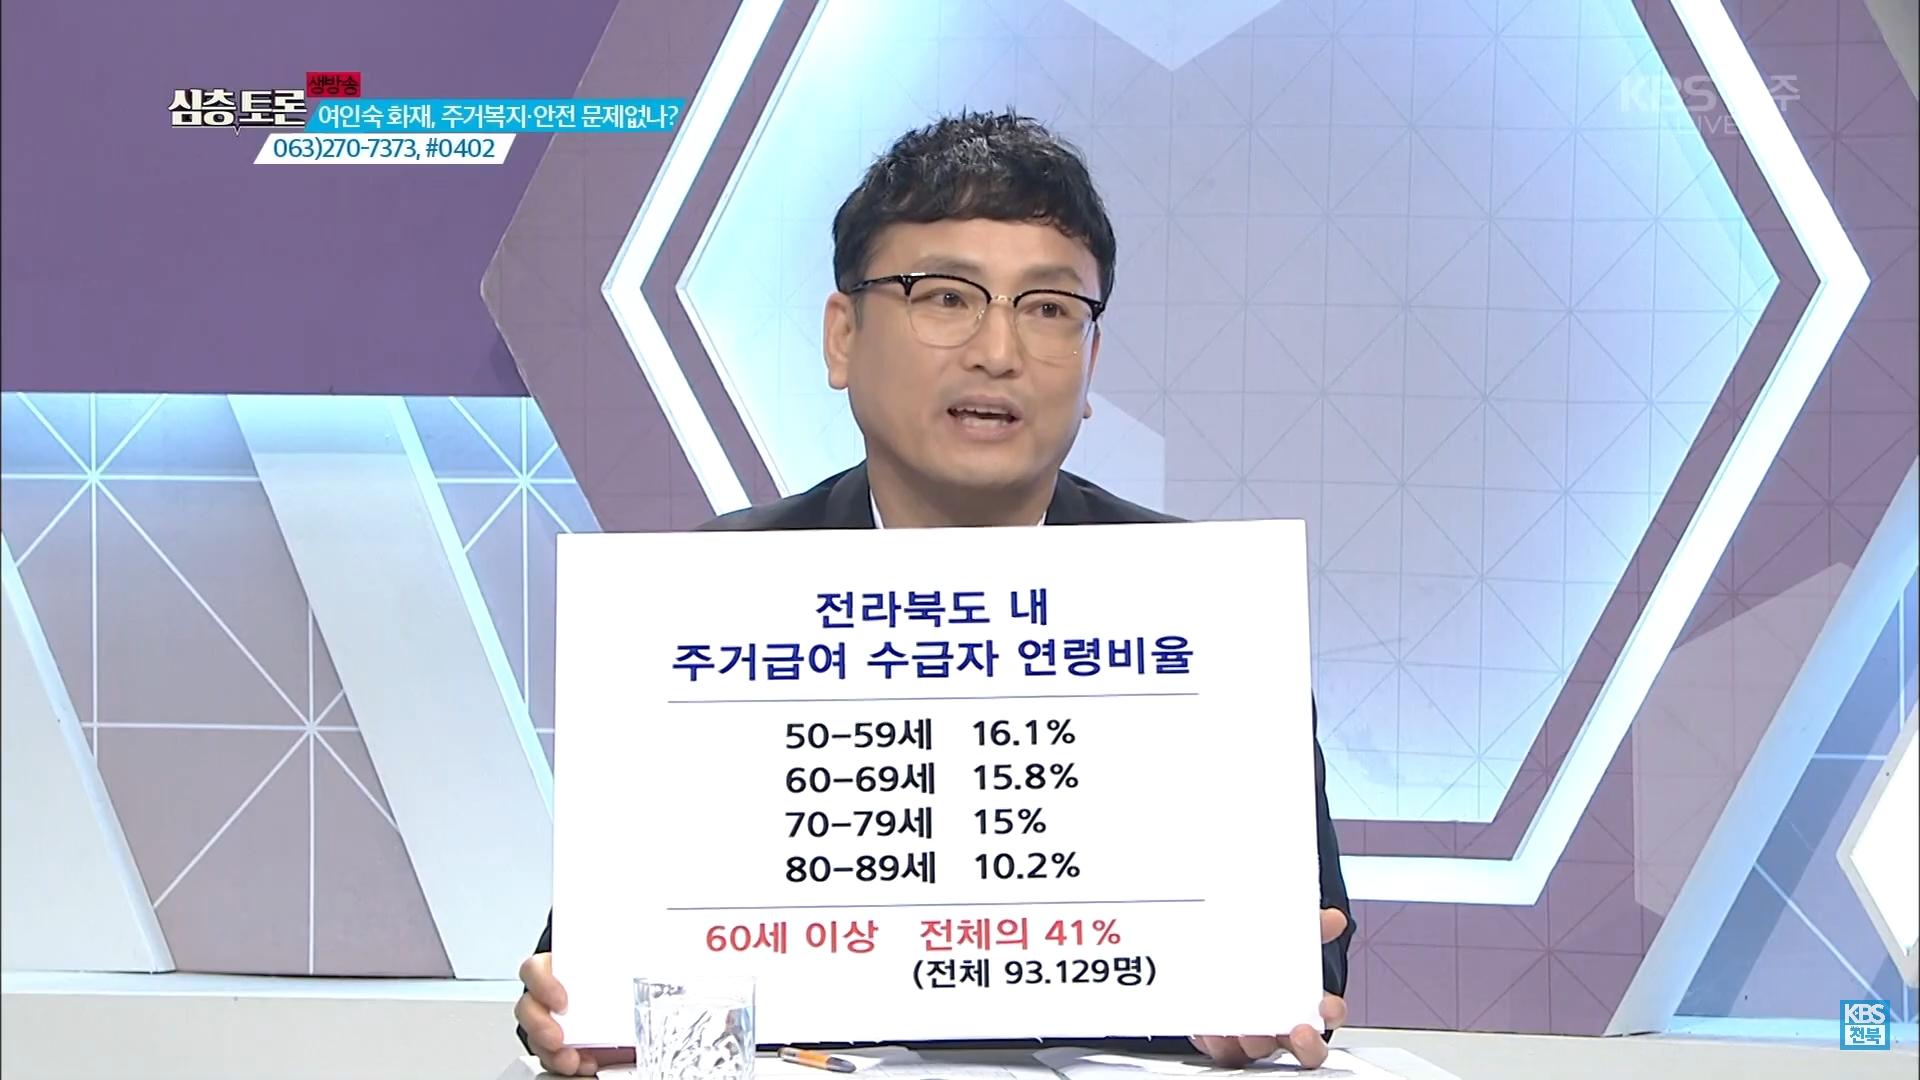 [19.9.4 KBS전주 생방송 심층토론] 전주 여인숙 화재, 주거복지·안전 문제없나5.jpg